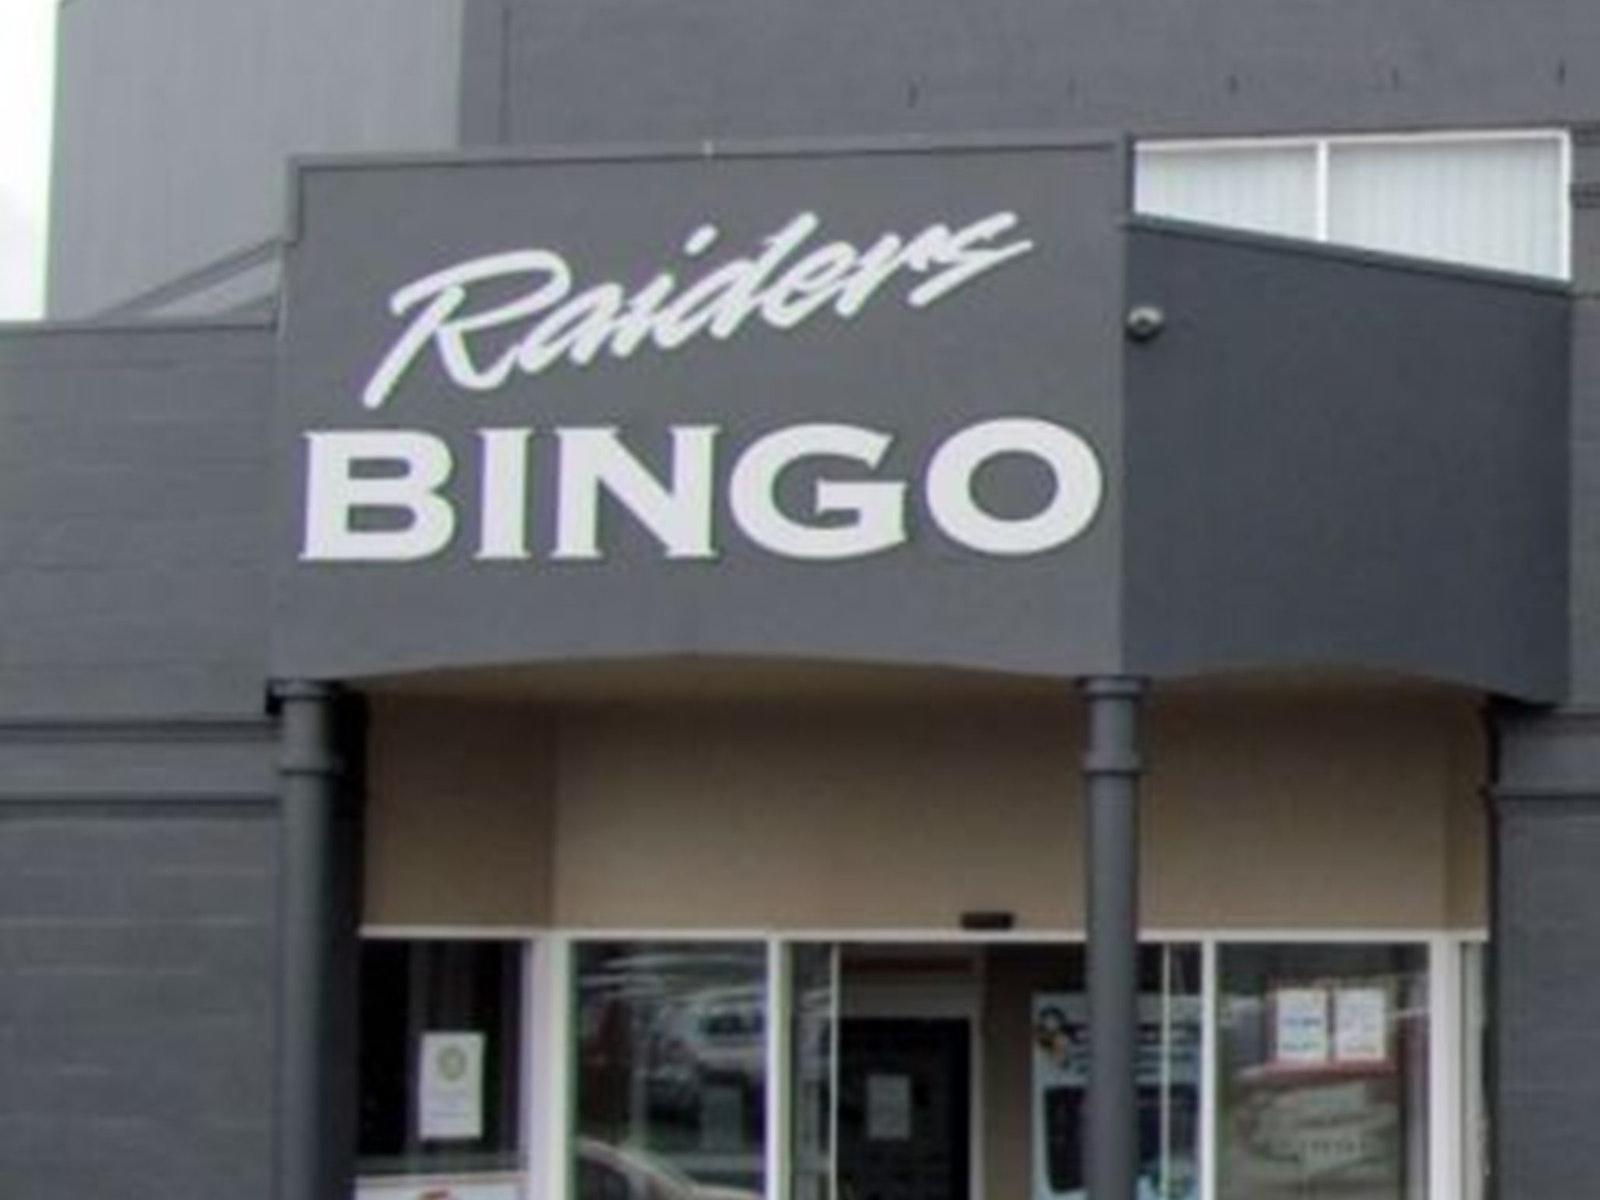 Raiders Bingo Centre